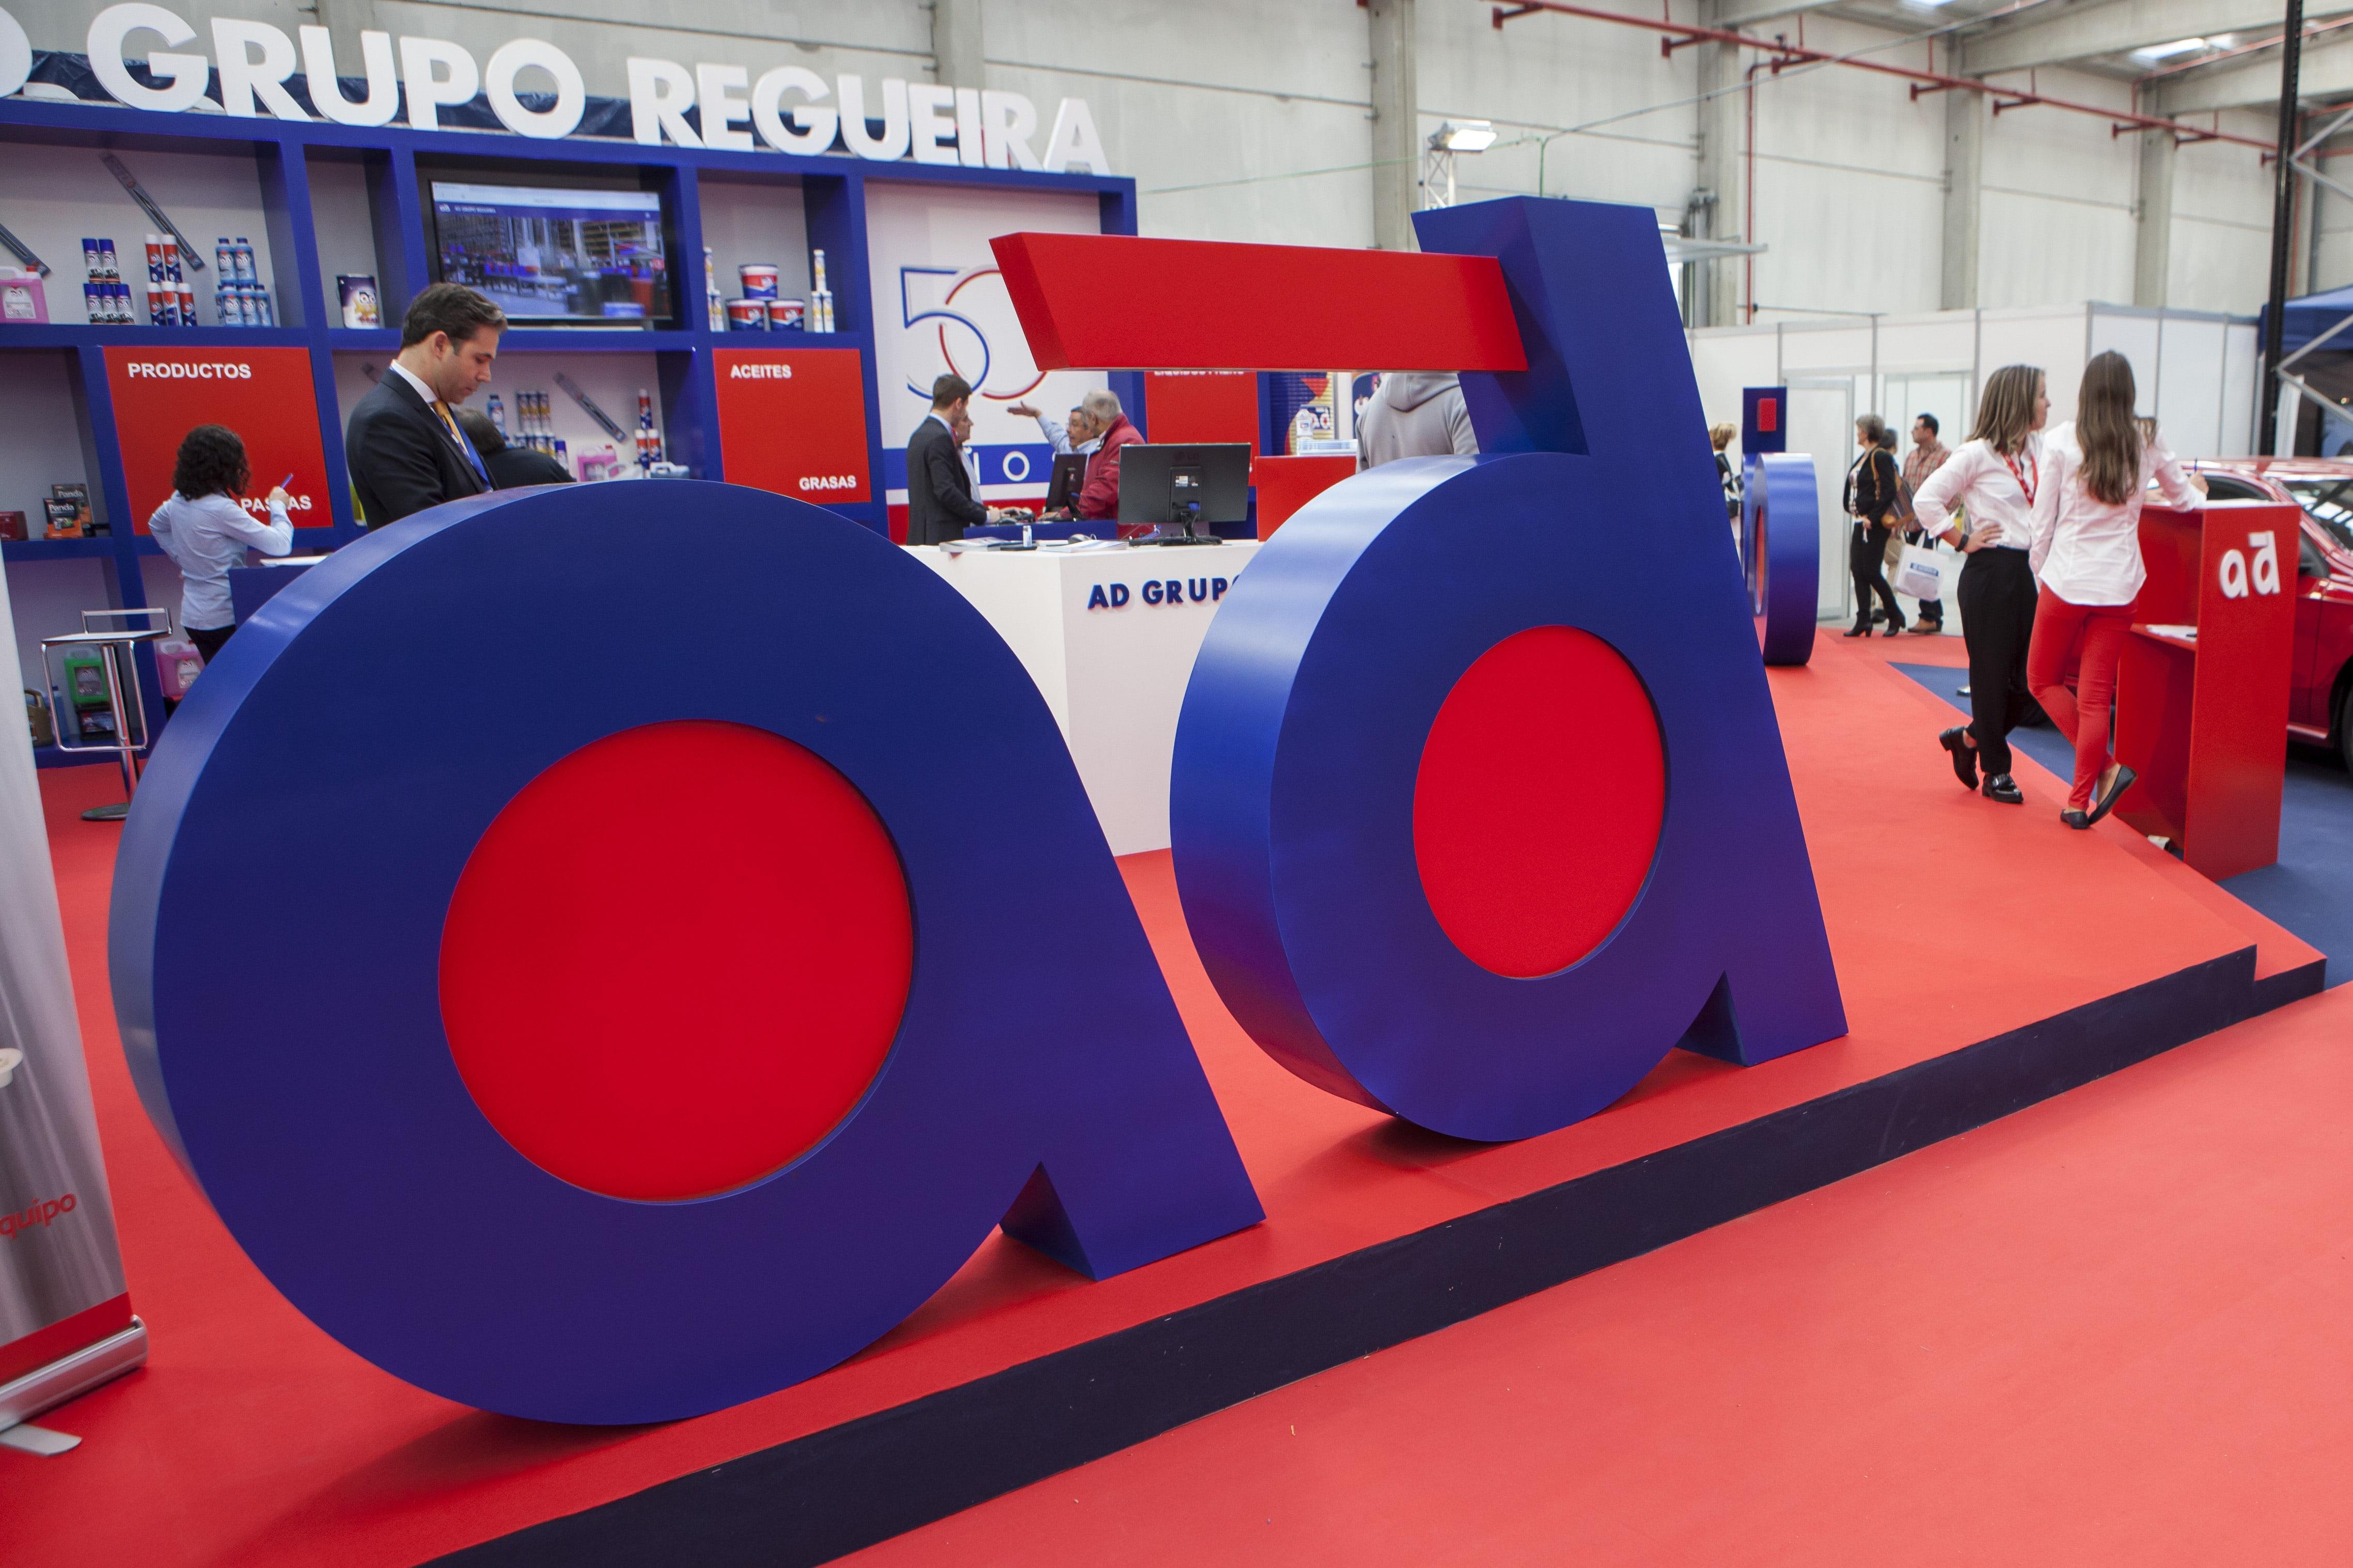 Feria AdD Grupo Regueira 2015